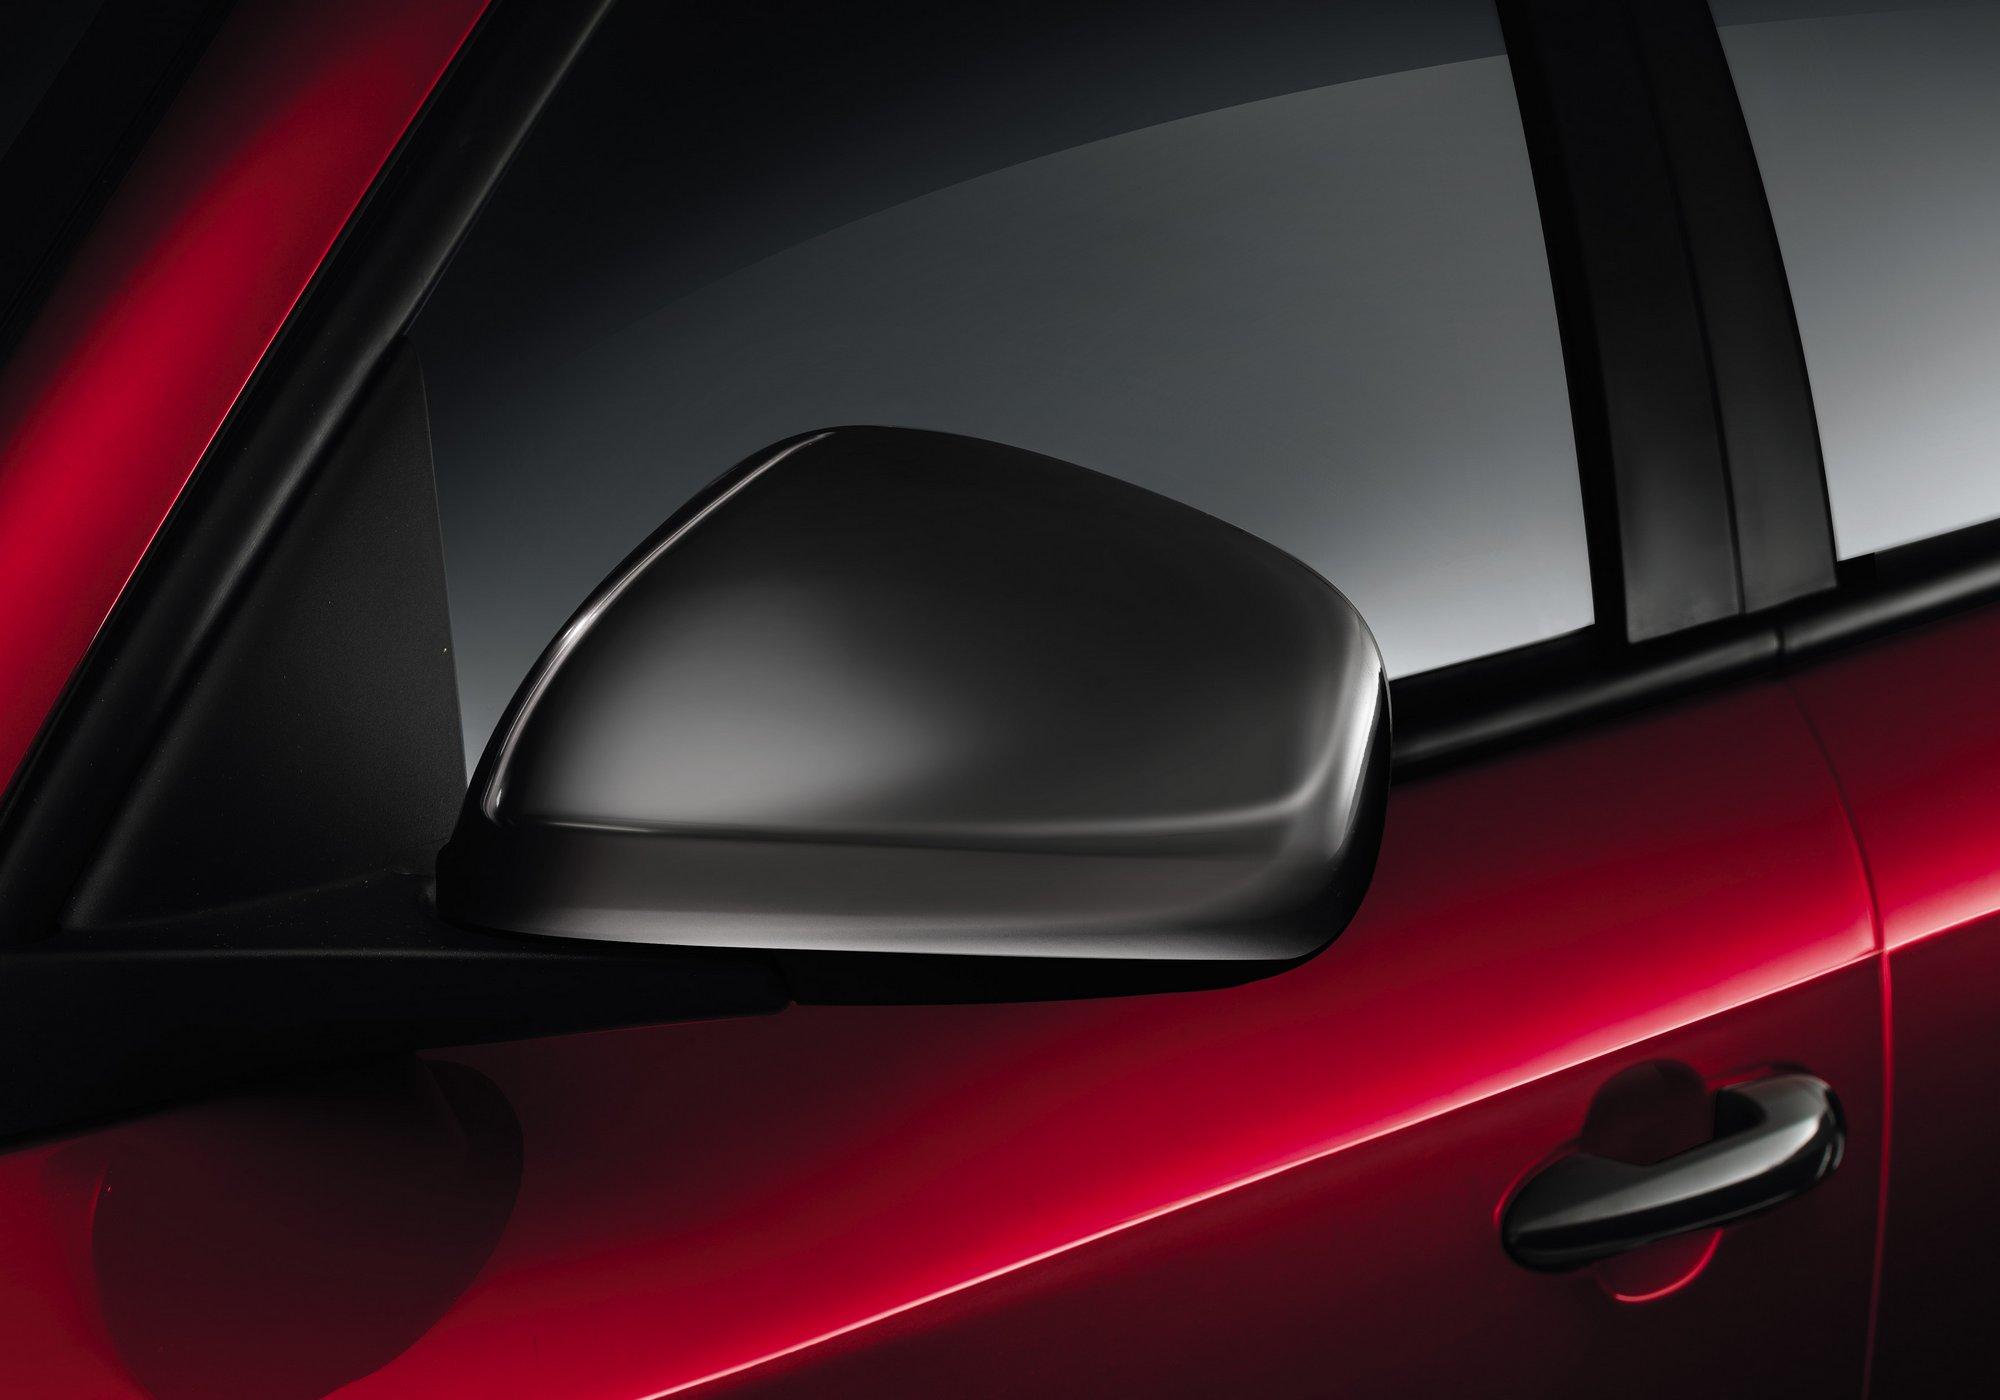 Giulietta Sprint è dotata di cristalli posteriori oscurati e finiture antracite lungo calandra, maniglie, calotte dei retrovisori e cornici dei fendinebbia. Sono di serie il clima automatico bizona e i sensori posteriori